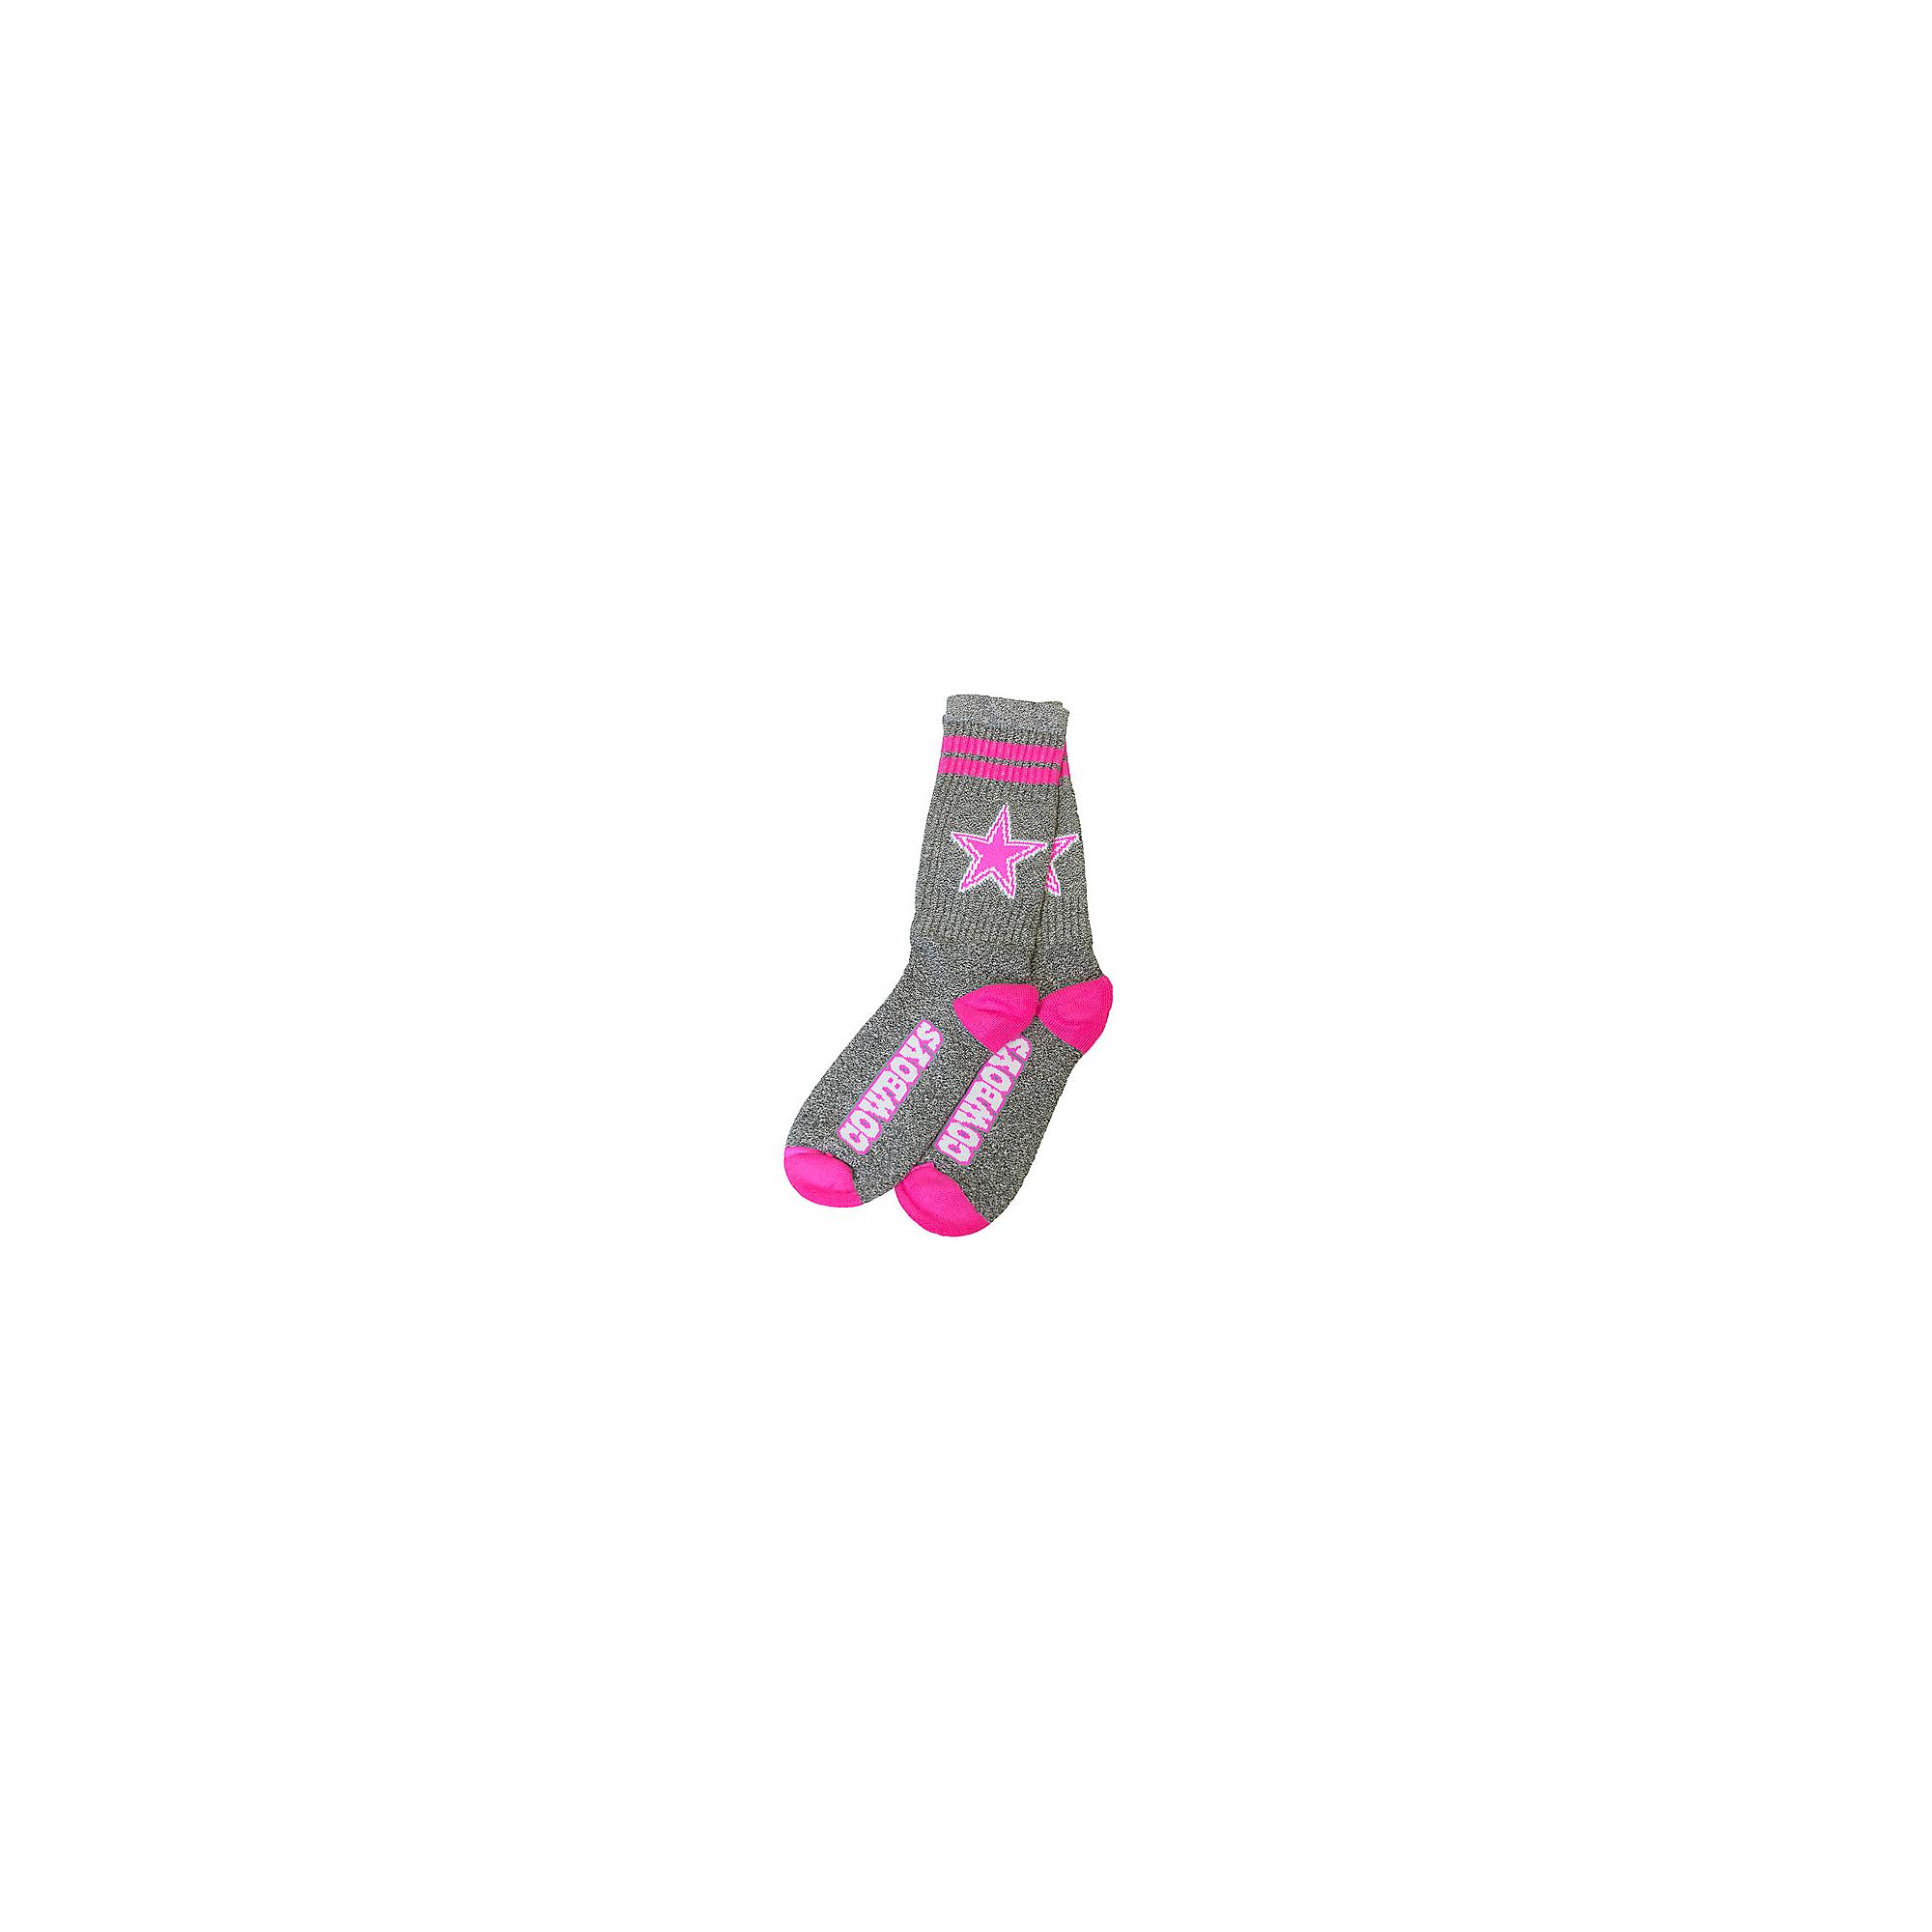 Dallas Cowboys Two Stripe Neon Pink Socks